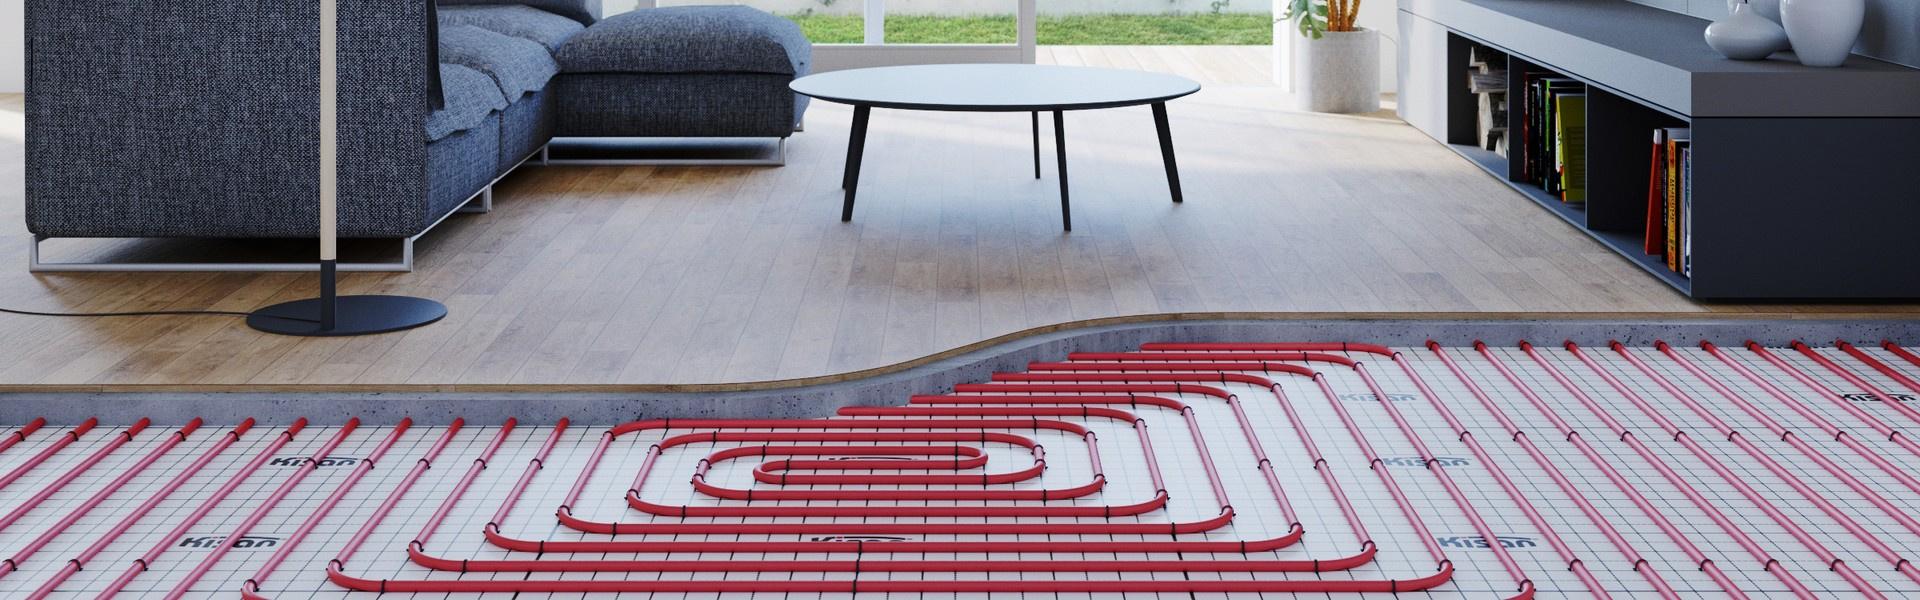 Kisan Comfort Floor Standard – system podłogowy mokry oparty na styropianie i spinkach